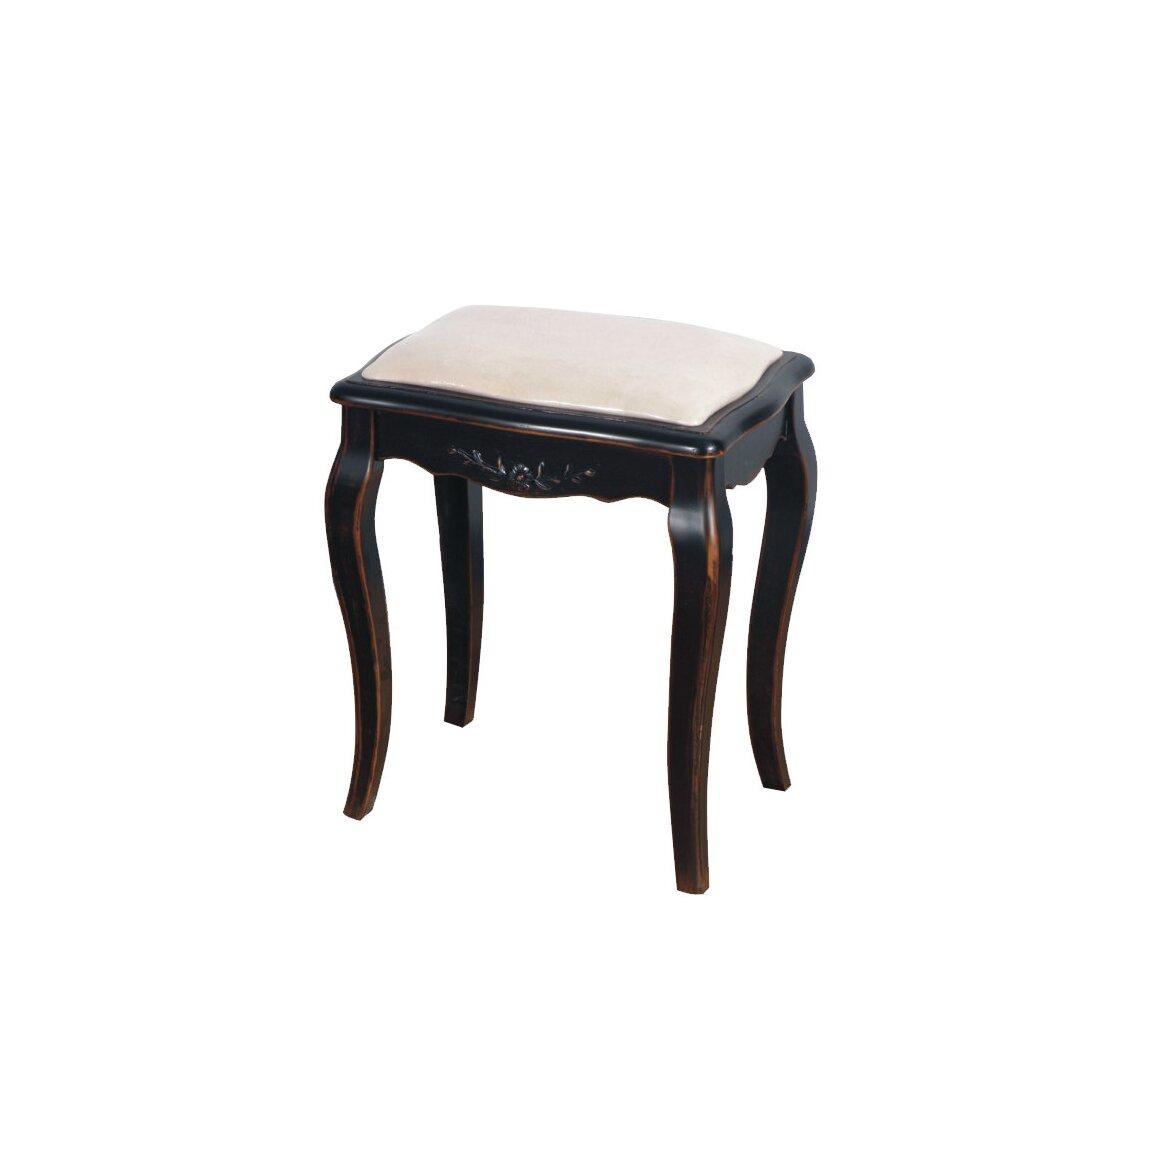 Табурет с мягким сиденьем к макияжному столику Leontina, черного цвета   Стулья Kingsby